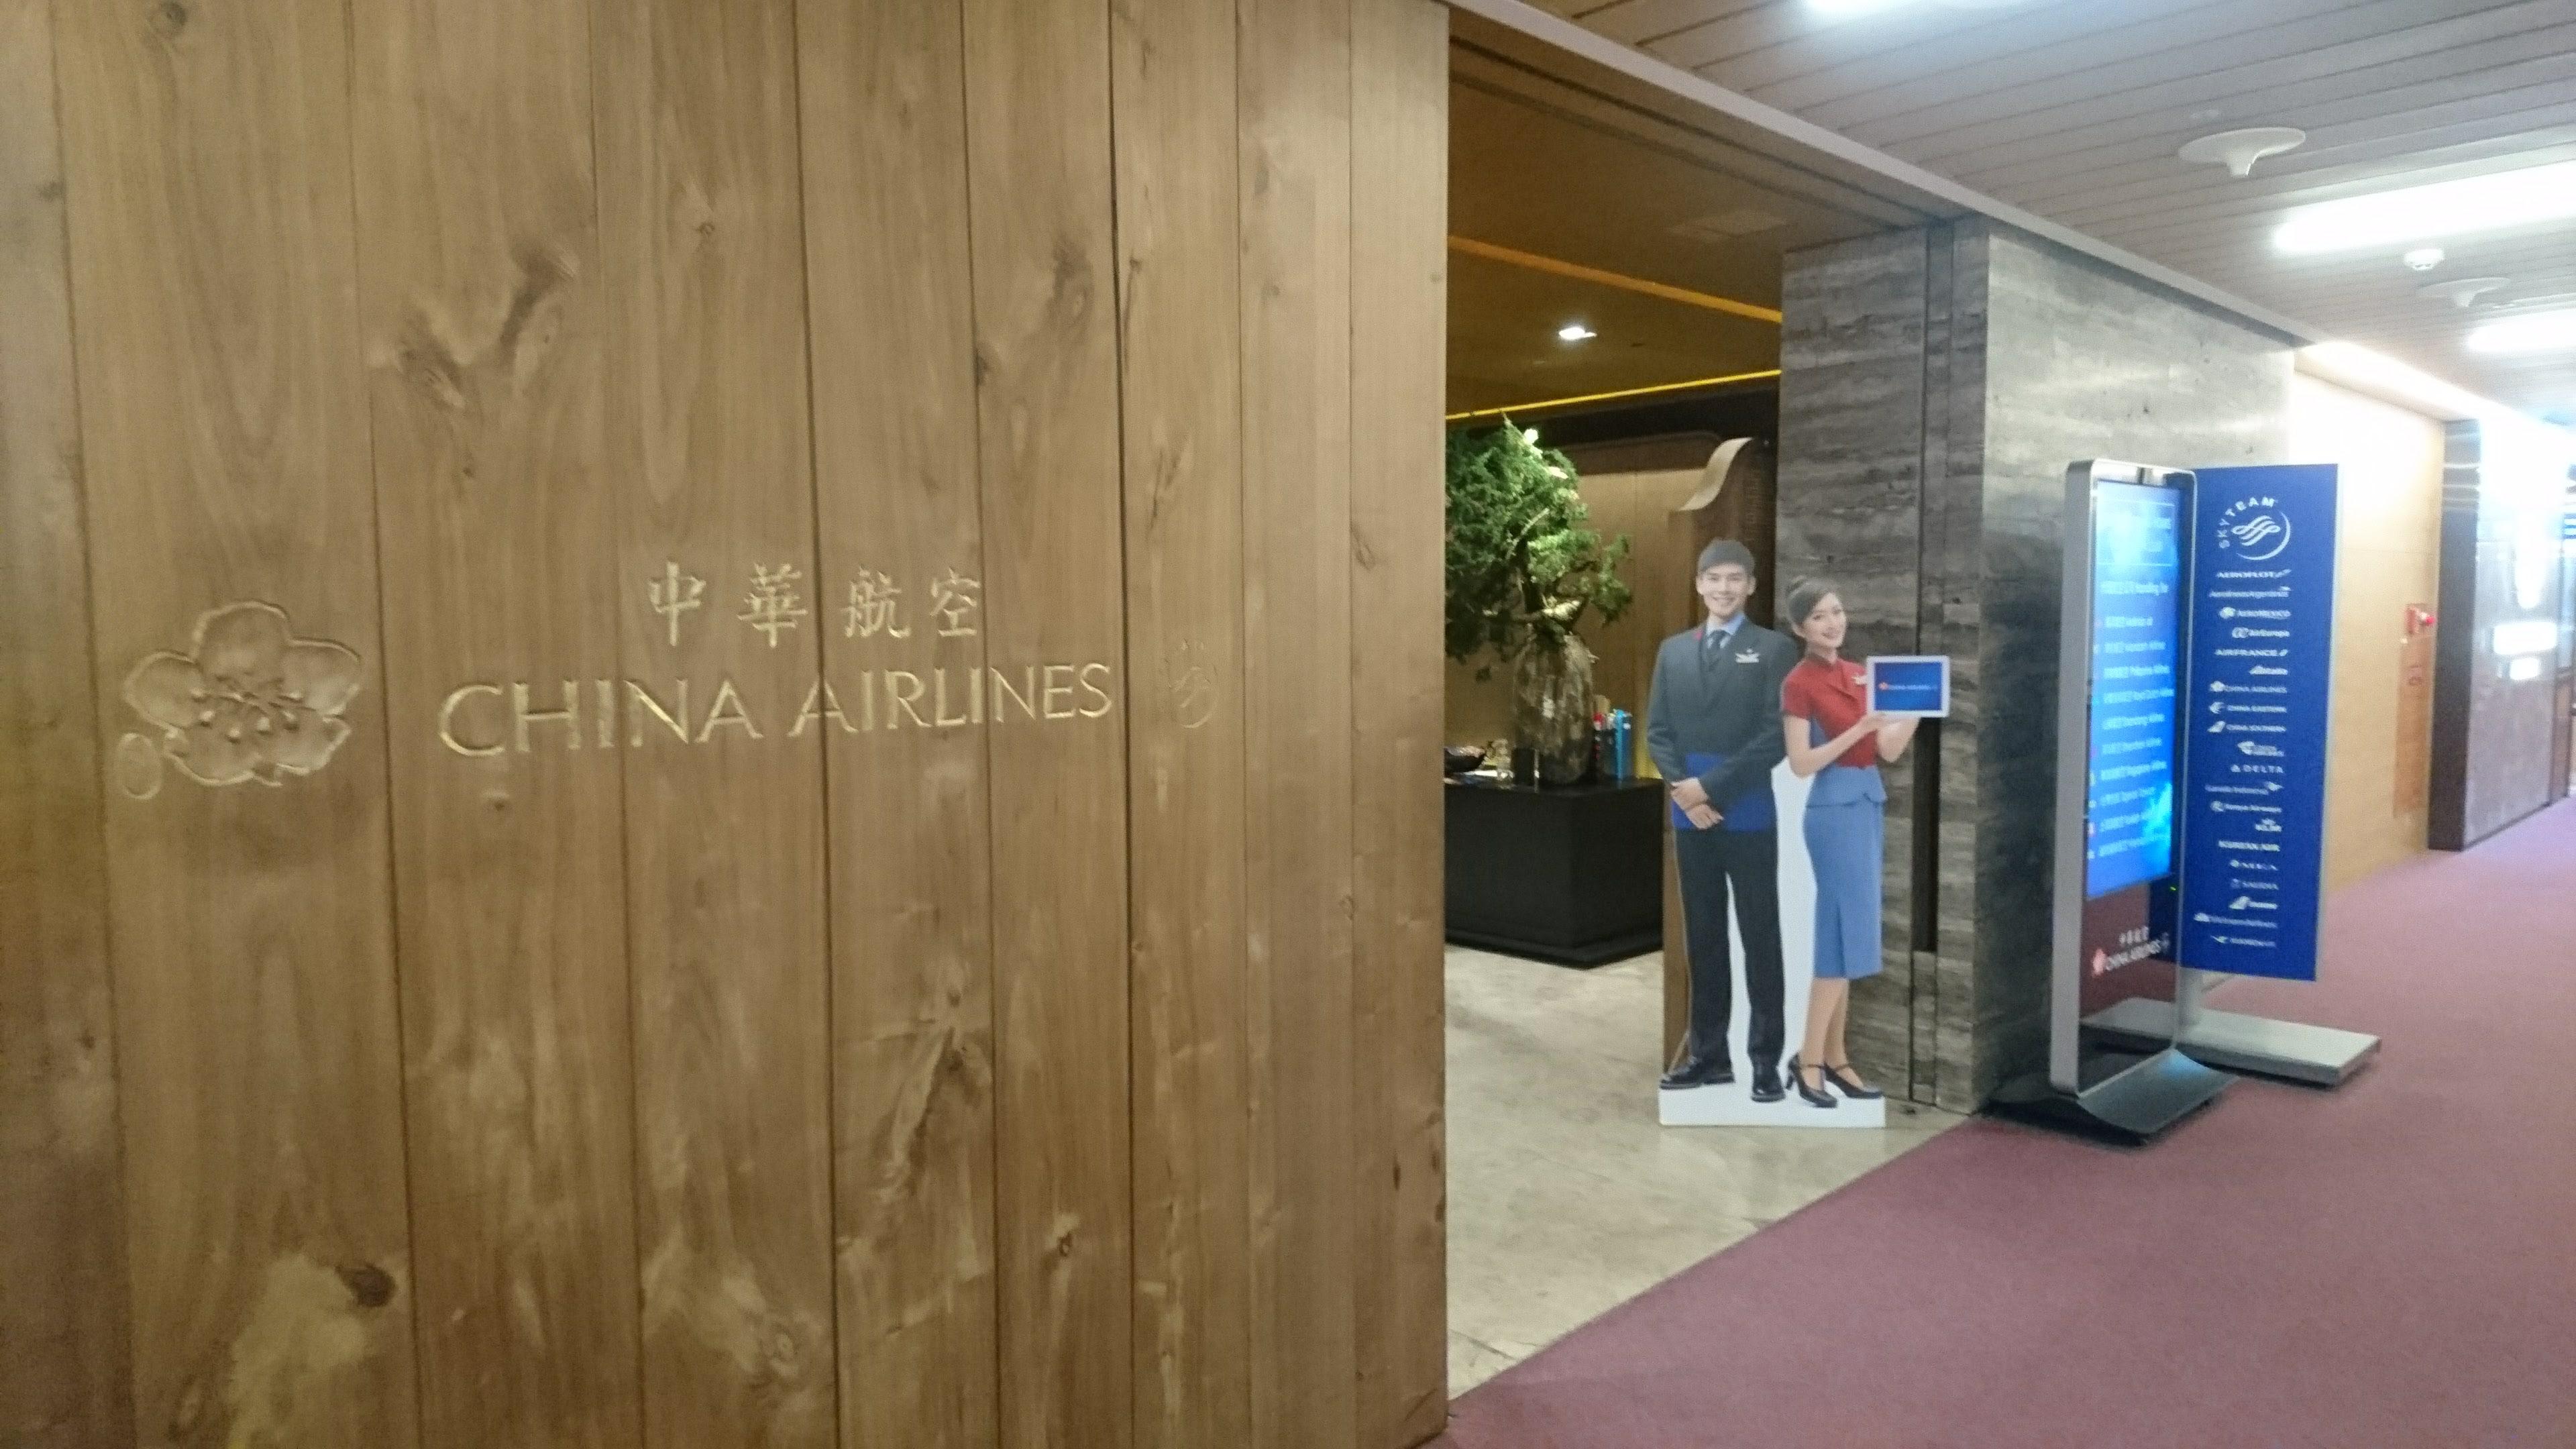 中華航空 チャイナ エアラインラウンジ(V1)